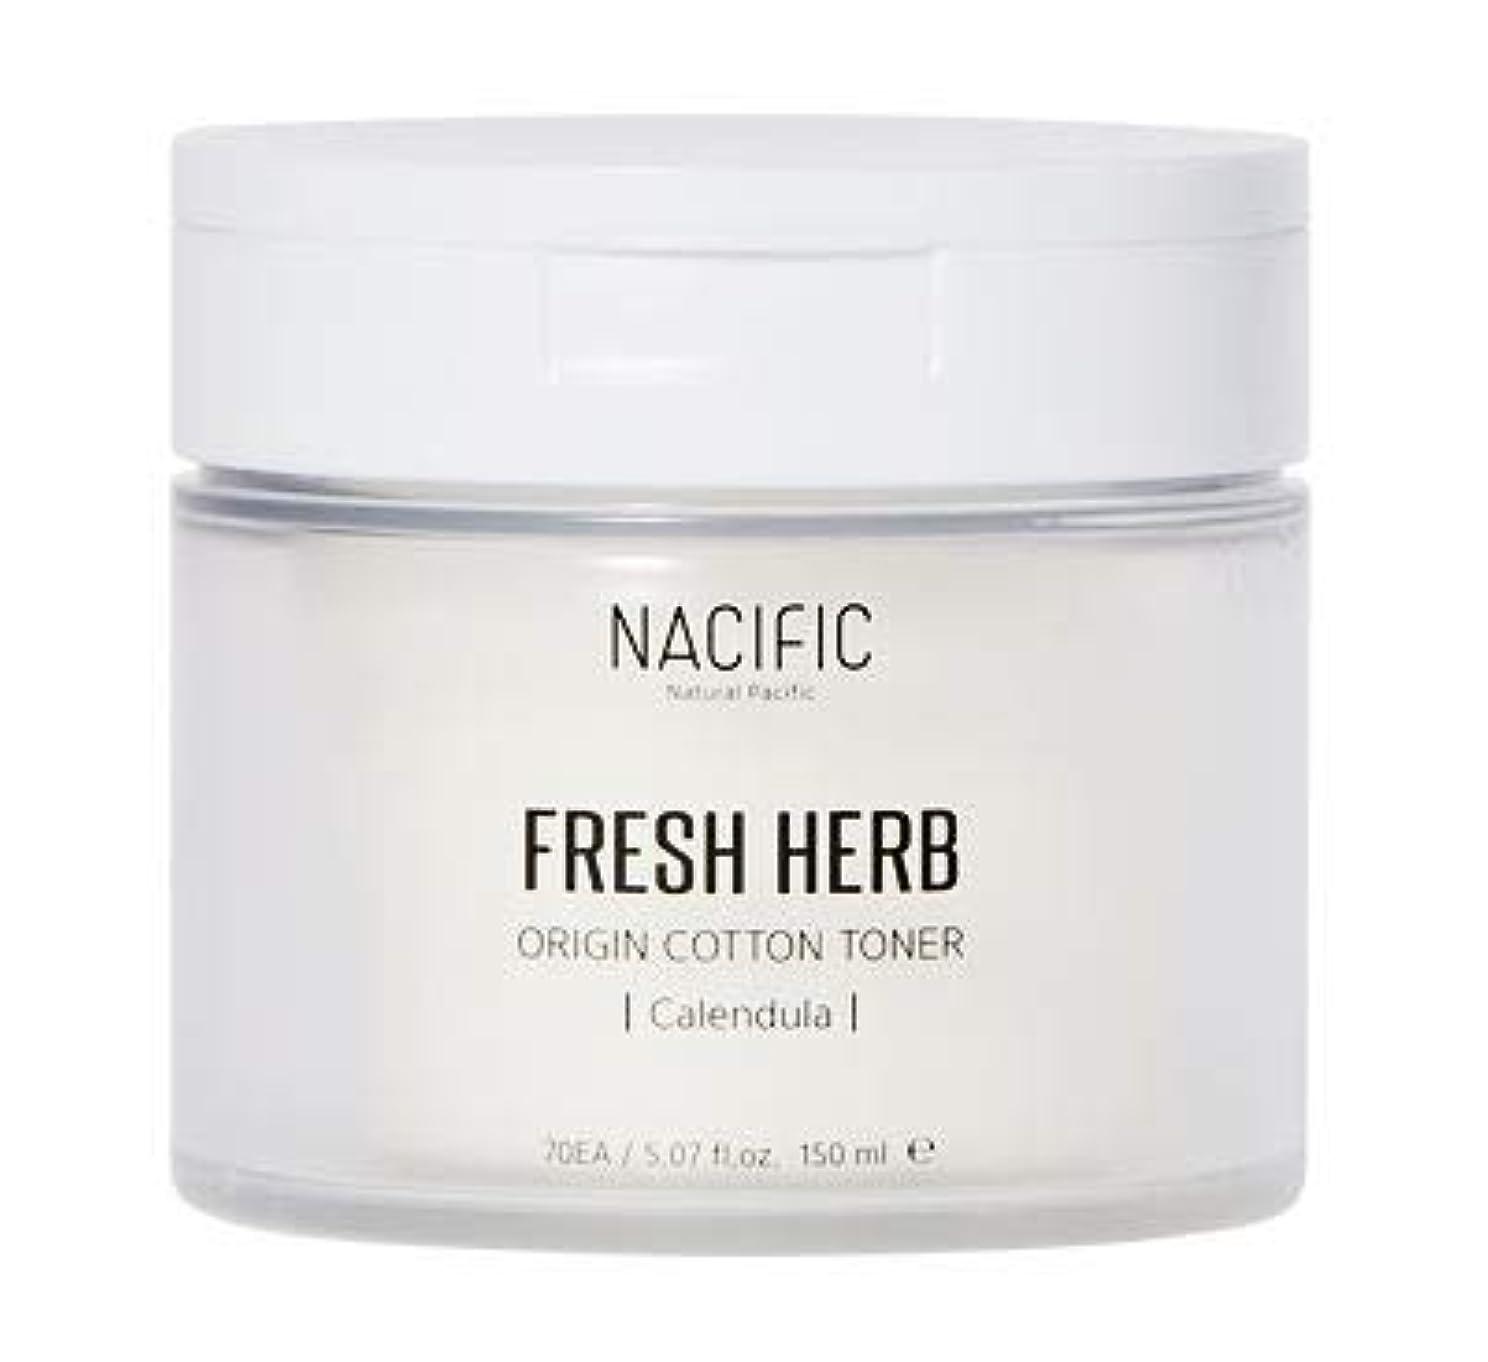 分布太陽海外[Nacific] Fresh Herb Origin Cotton Toner 150ml (Calendula) /[ナシフィック] フレッシュ ハーブ オリジン コットン トナー (カレンデュラ)150ml [並行輸入品]